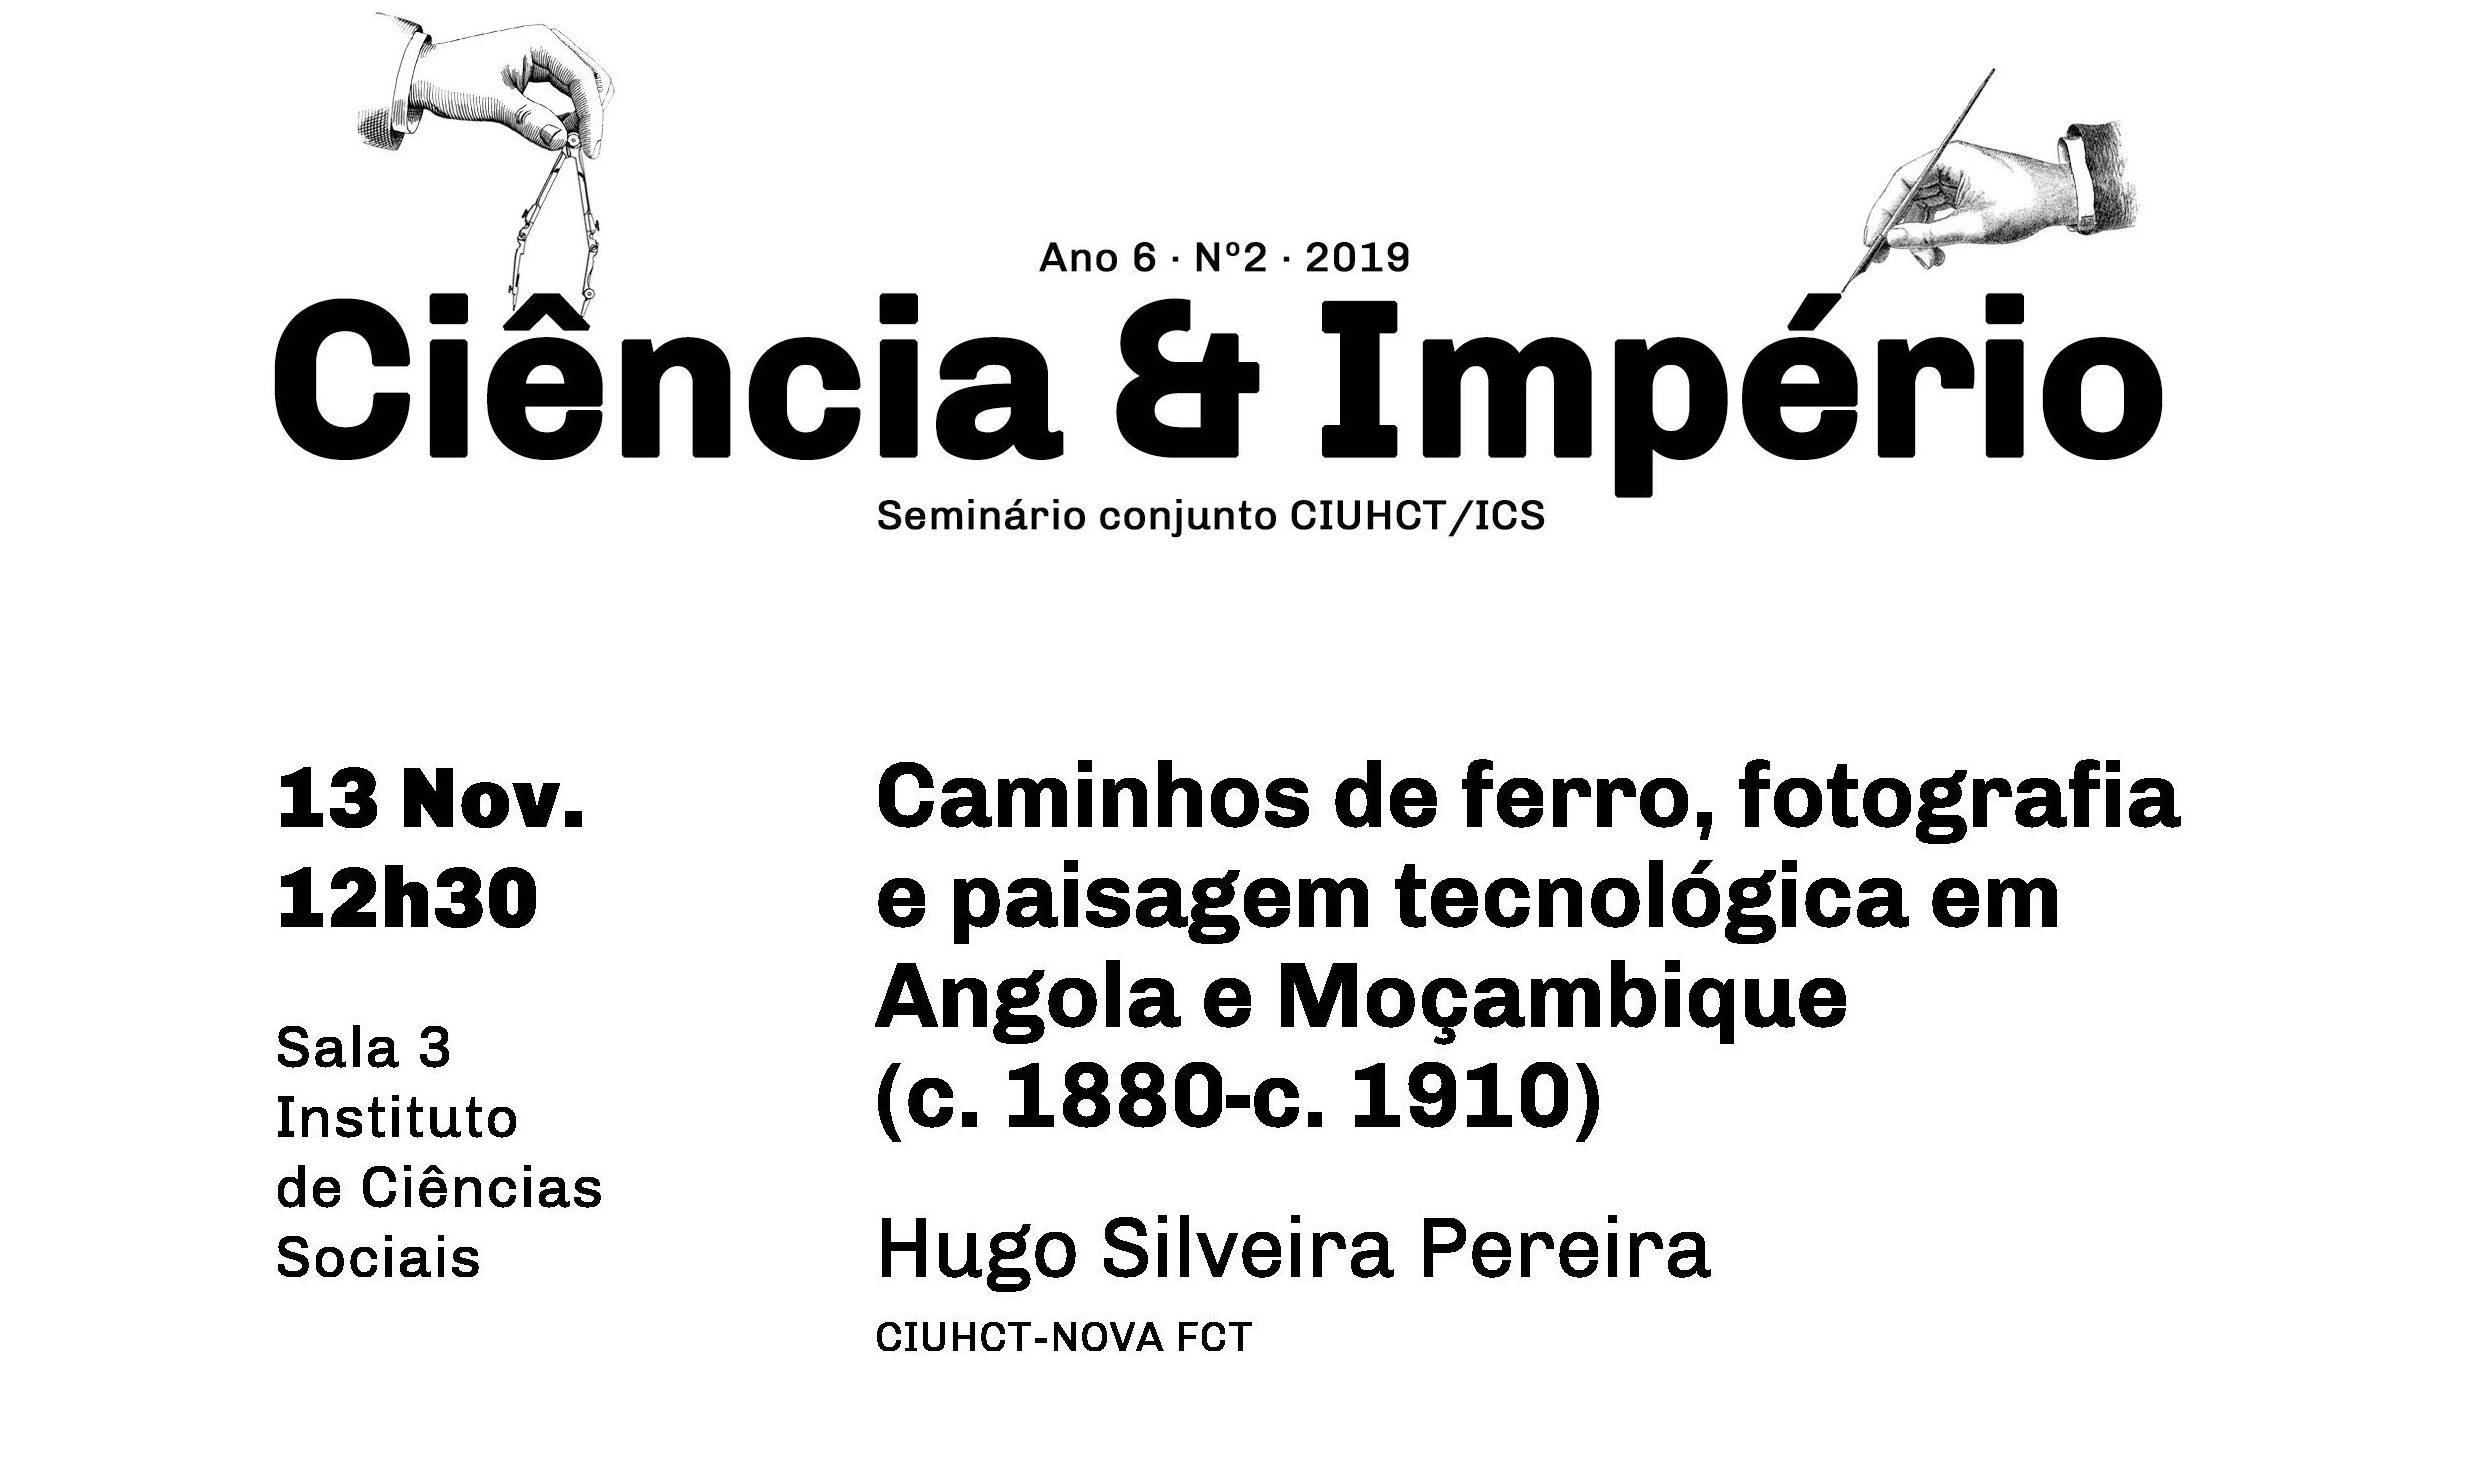 Caminhos de ferro, fotografia e paisagem tecnológica em Angola e Moçambique: 'Ciência e Império'